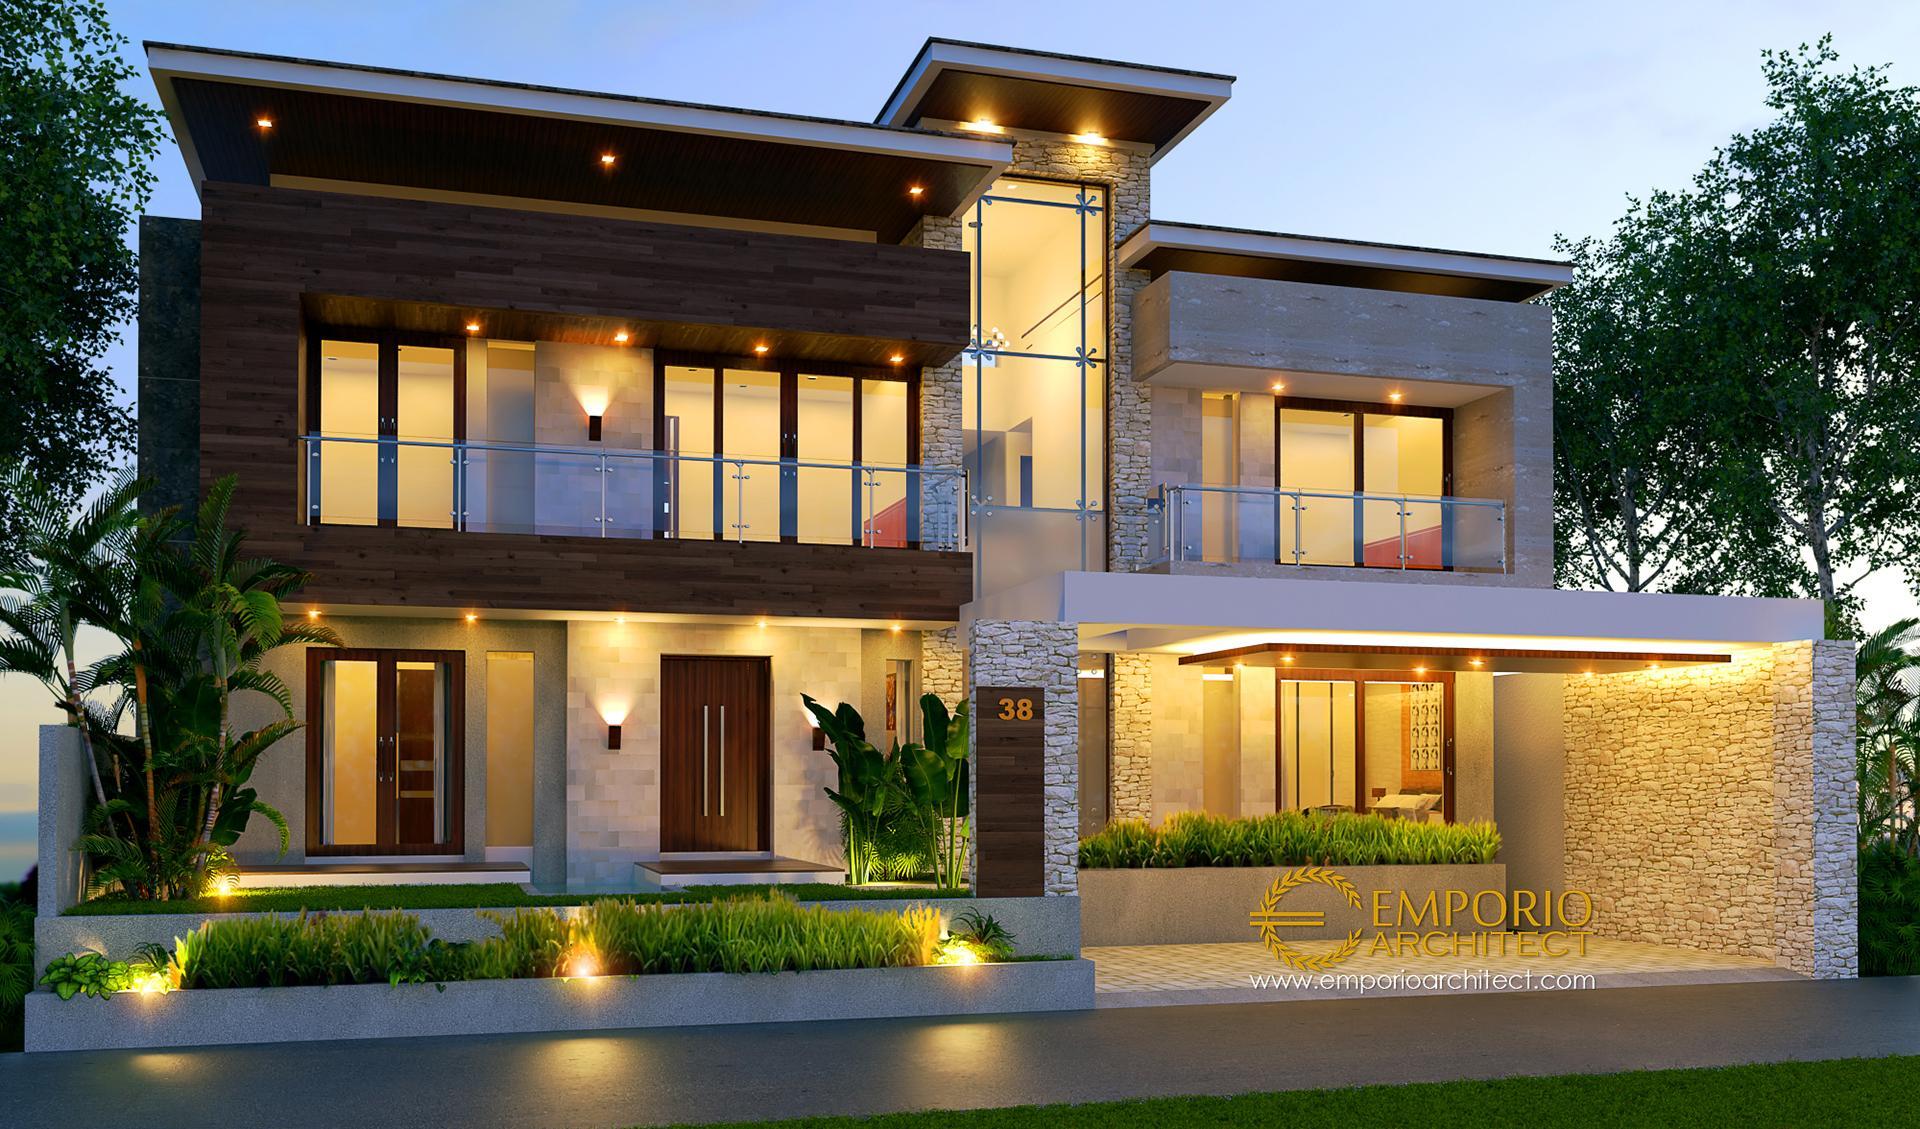 Desain Rumah Modern 2 Lantai Ibu Weni di  Tanjung Selor, Kalimantan Utara